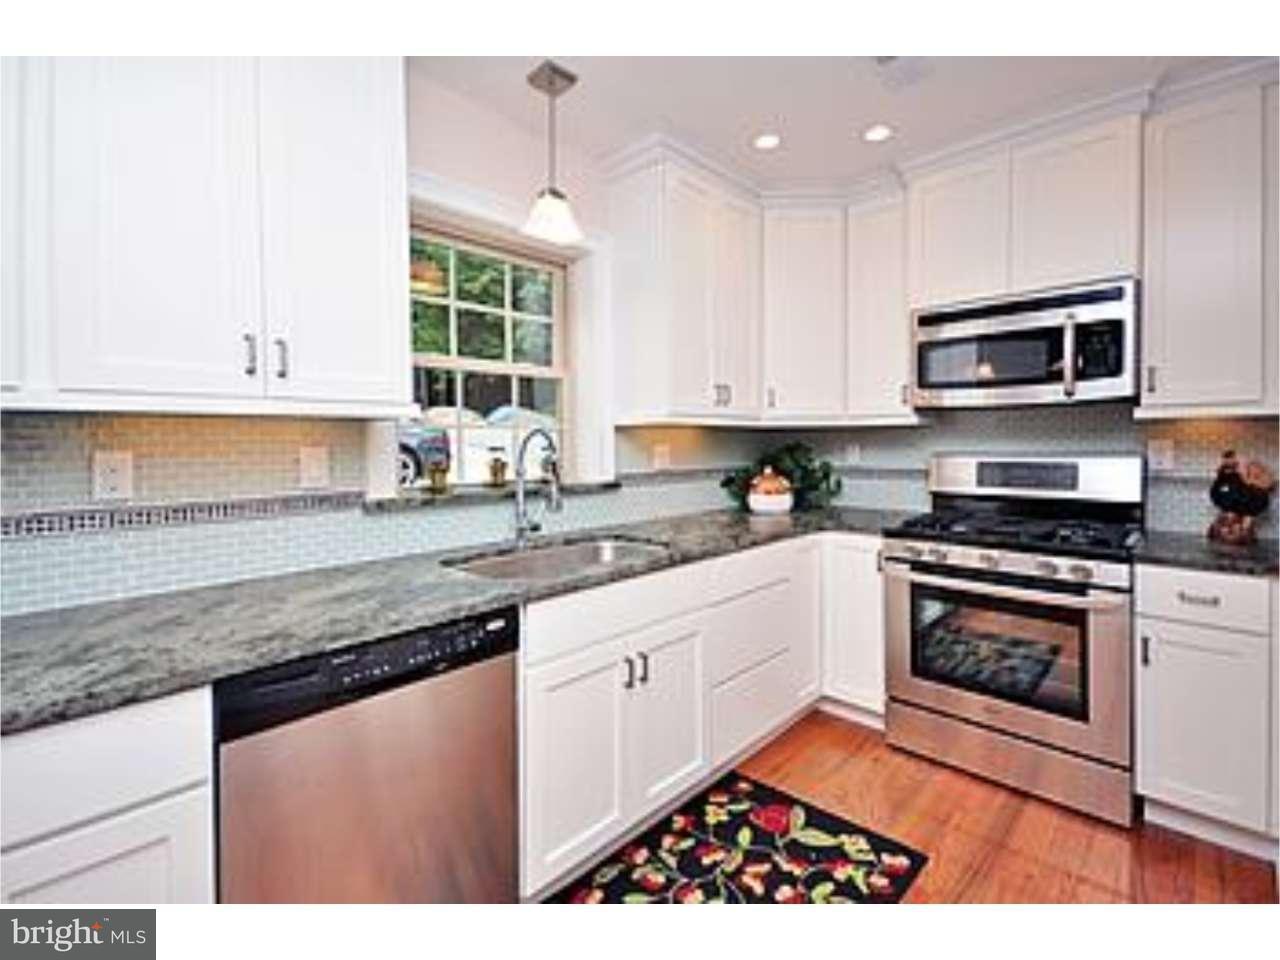 Condominium for Sale at 537 APPLE ST #001 West Conshohocken, Pennsylvania 19428 United States